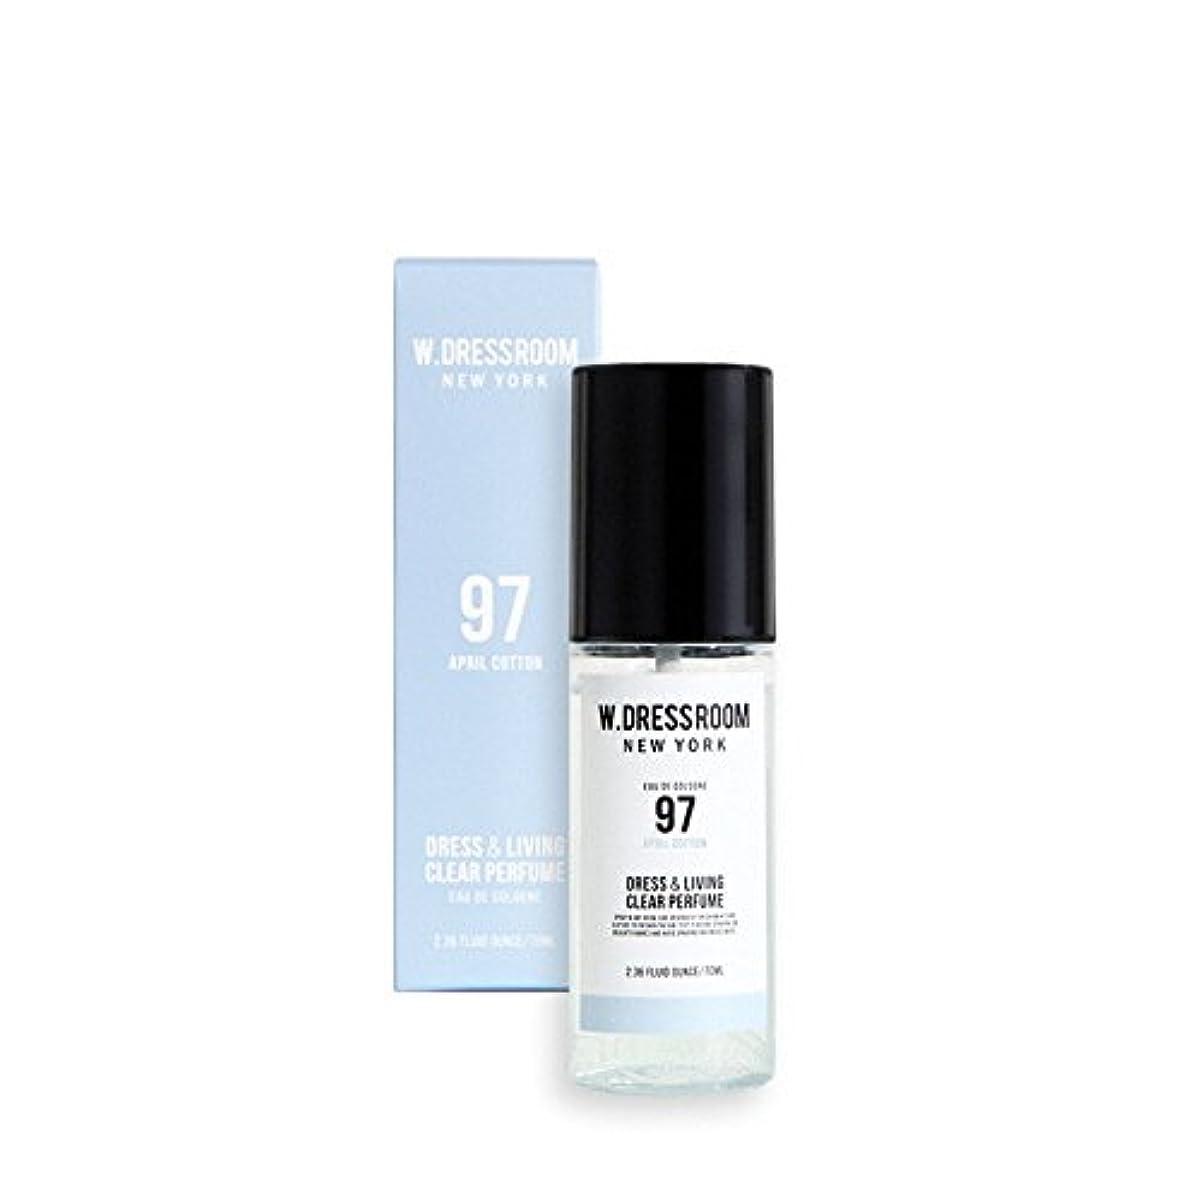 乙女支援する空港W.DRESSROOM Dress & Living Clear Perfume 70ml (#No.97 April Cotton)/ダブルドレスルーム ドレス&リビング クリア パフューム 70ml (#No.97...